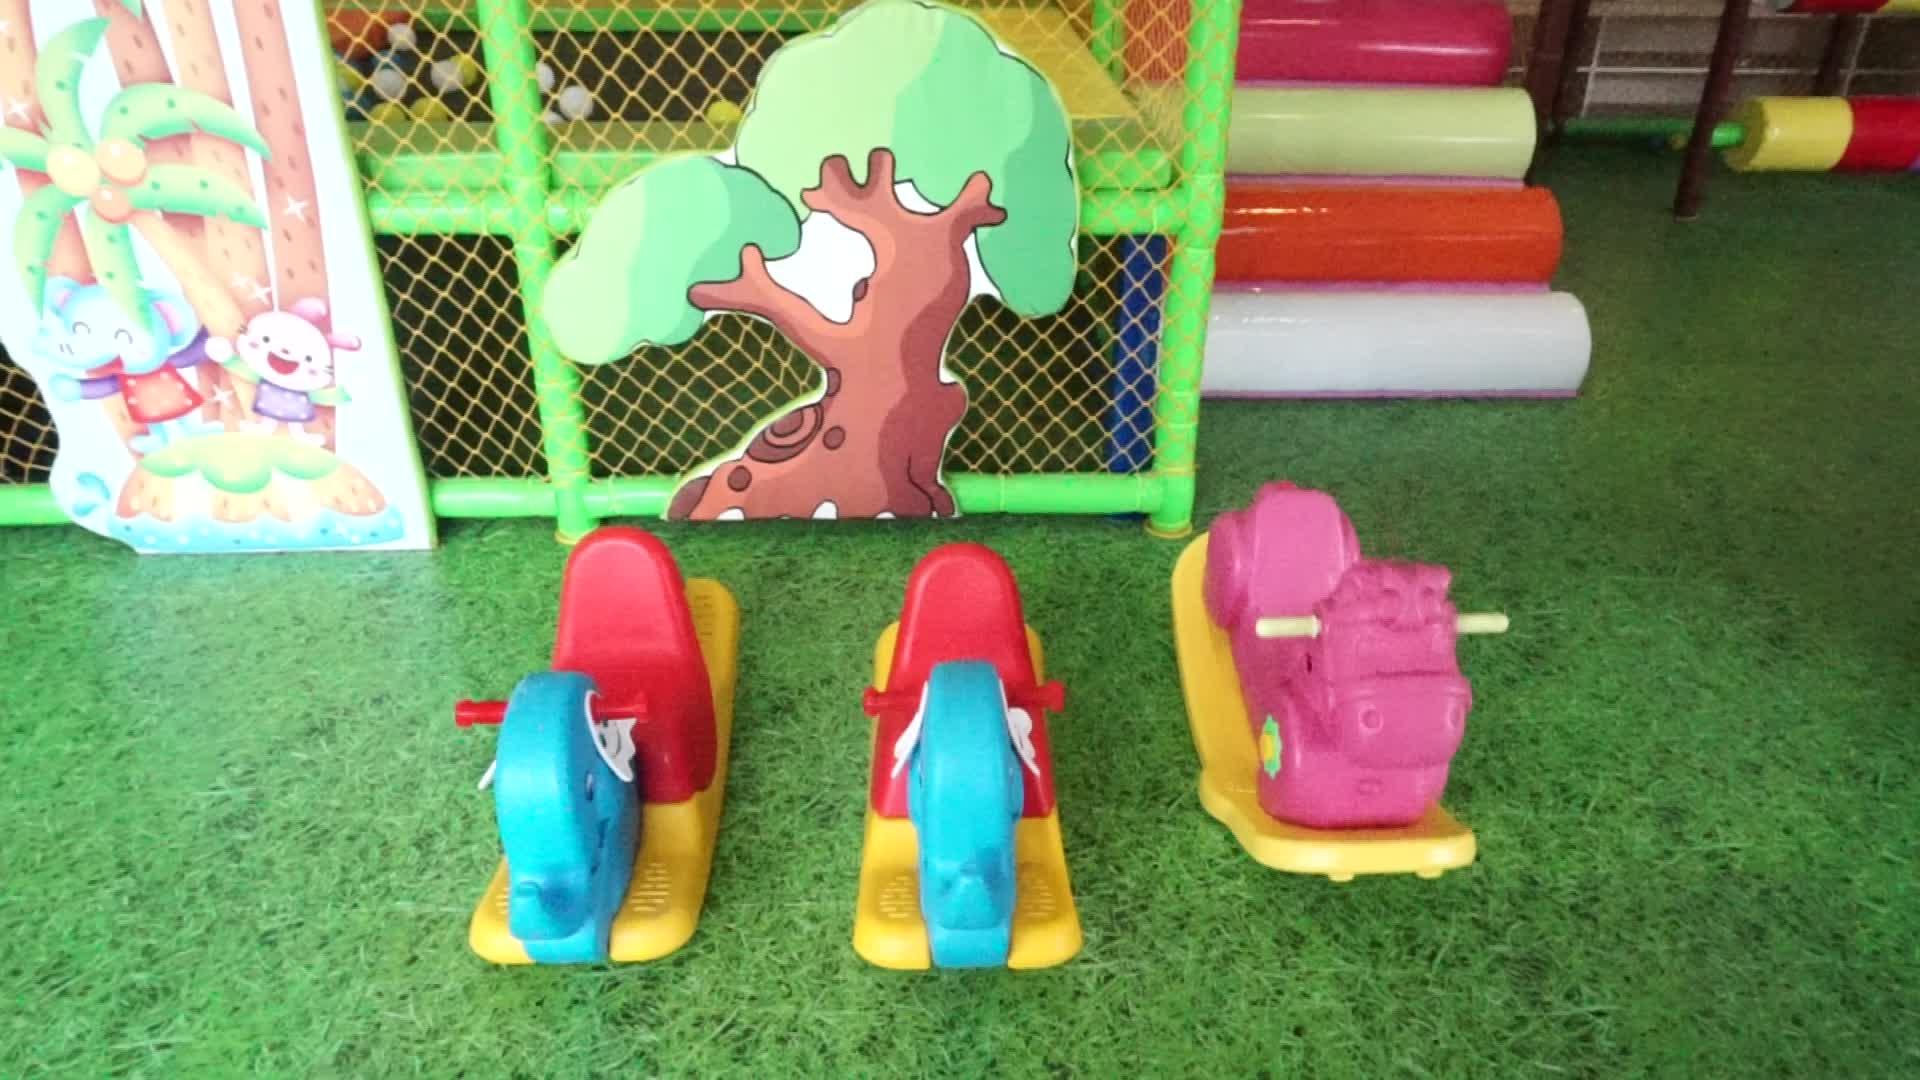 Küçük Ev Bahçe Ahşap Çocuklar Açık Kapalı Slayt Ve Salıncak seti